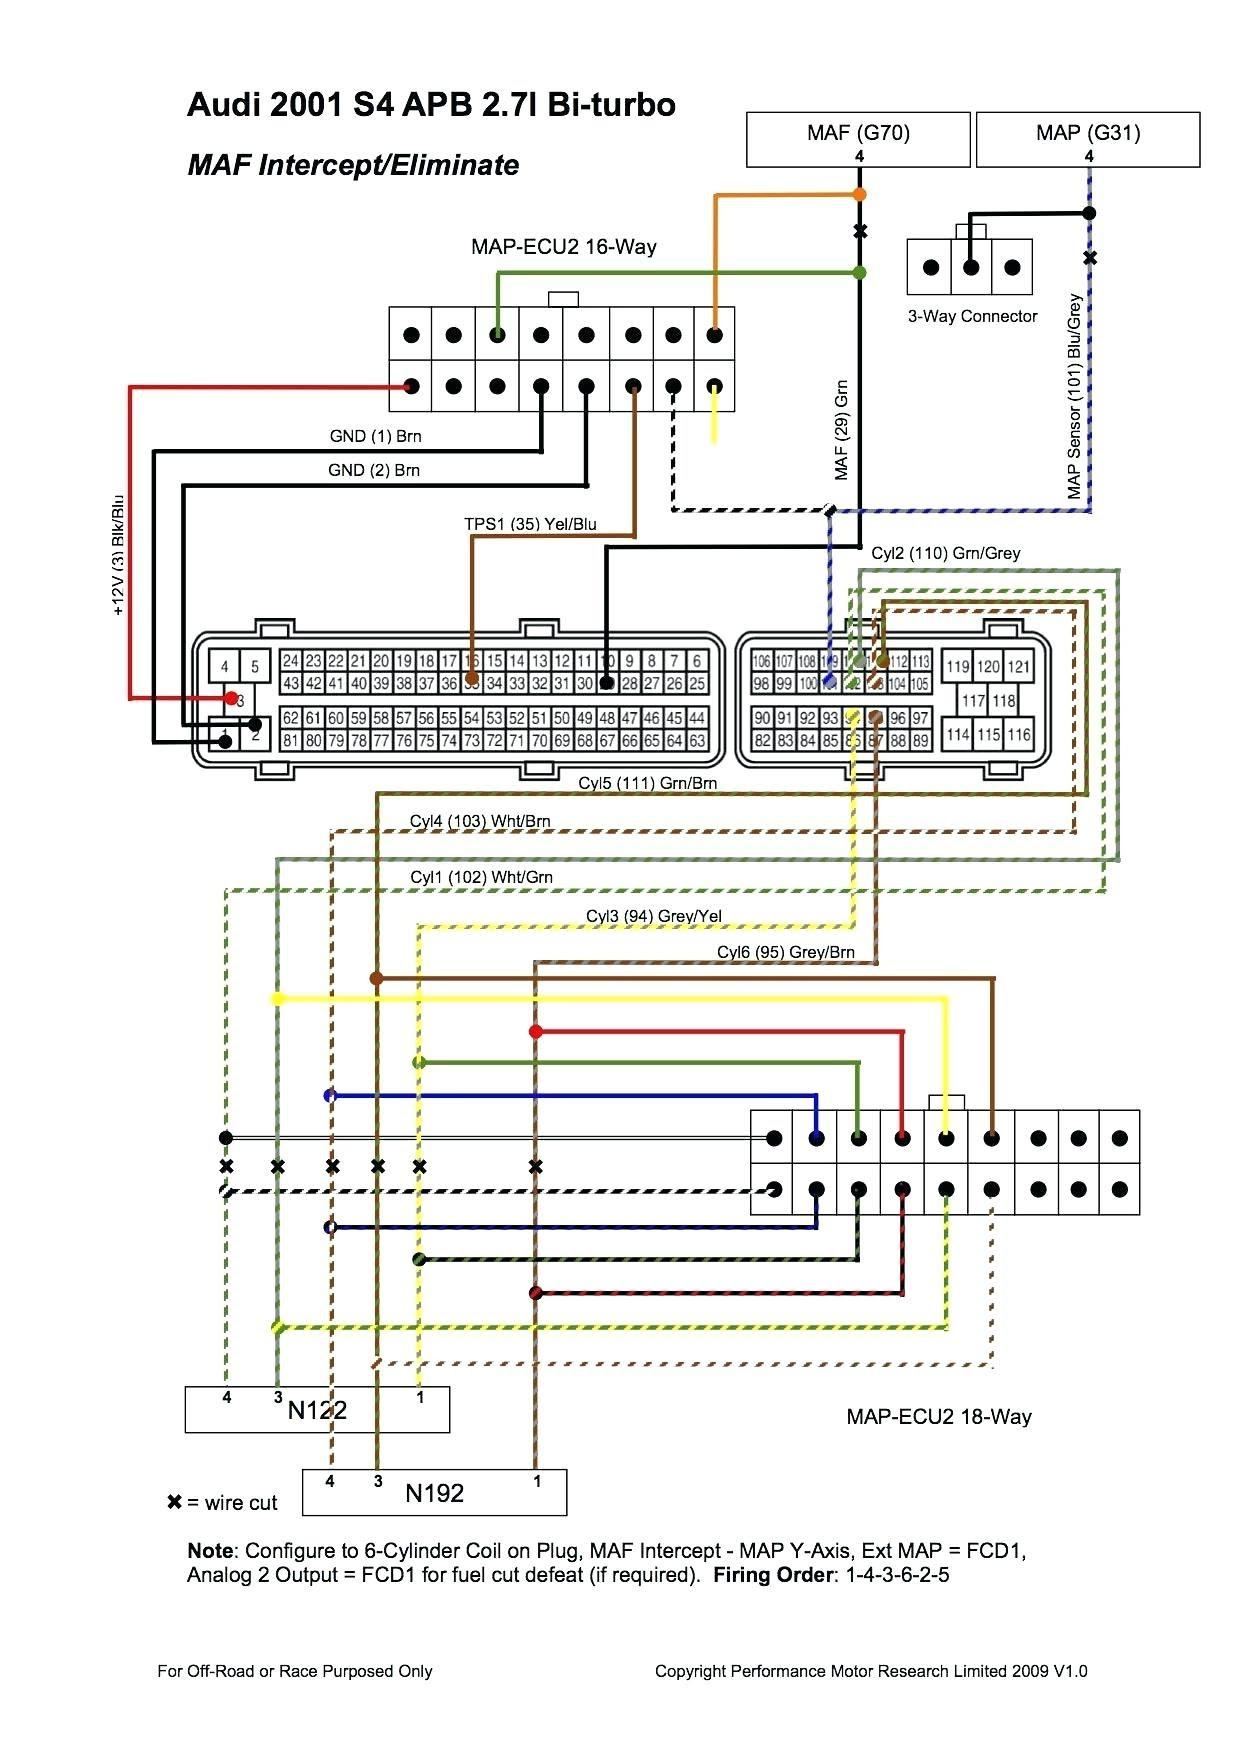 Diagram Renault Clio User Wiring Diagram 2006 Full Version Hd Quality Diagram 2006 Diagramscupp Tomari It